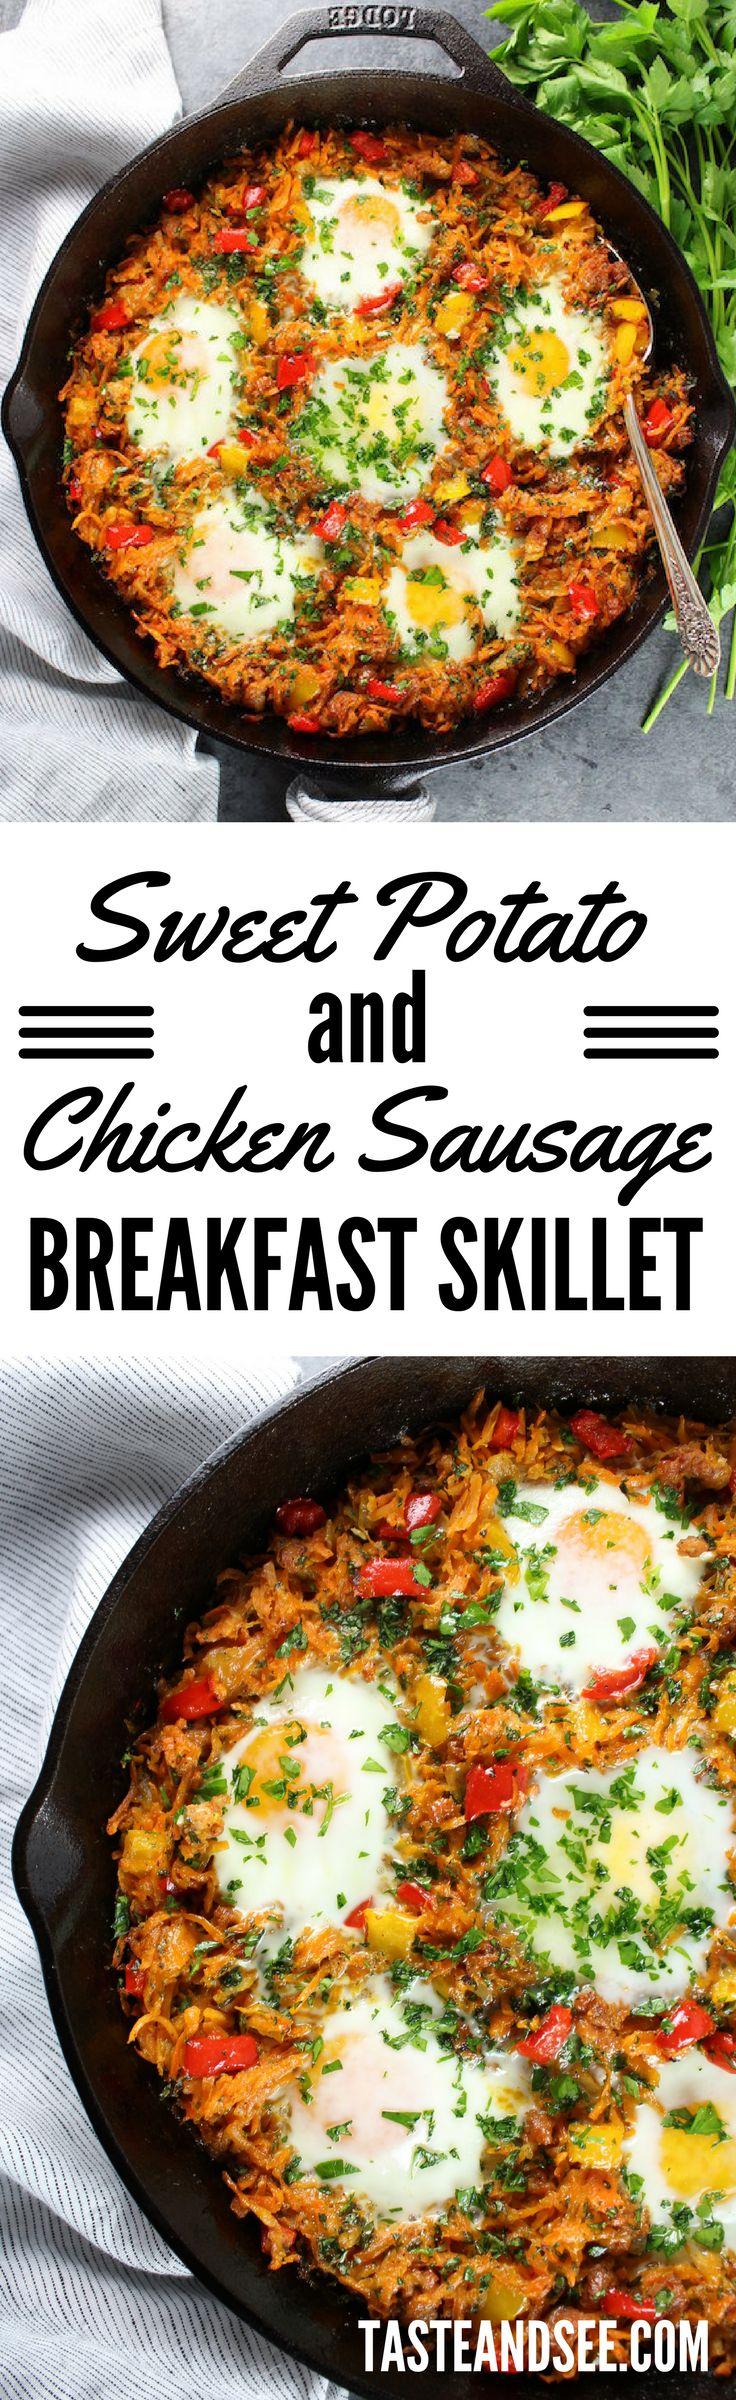 Sweet Potato & Chicken Sausage Breakfast Skillet | Eggs | High-Protein | Gluten Free | http://tasteandsee.com